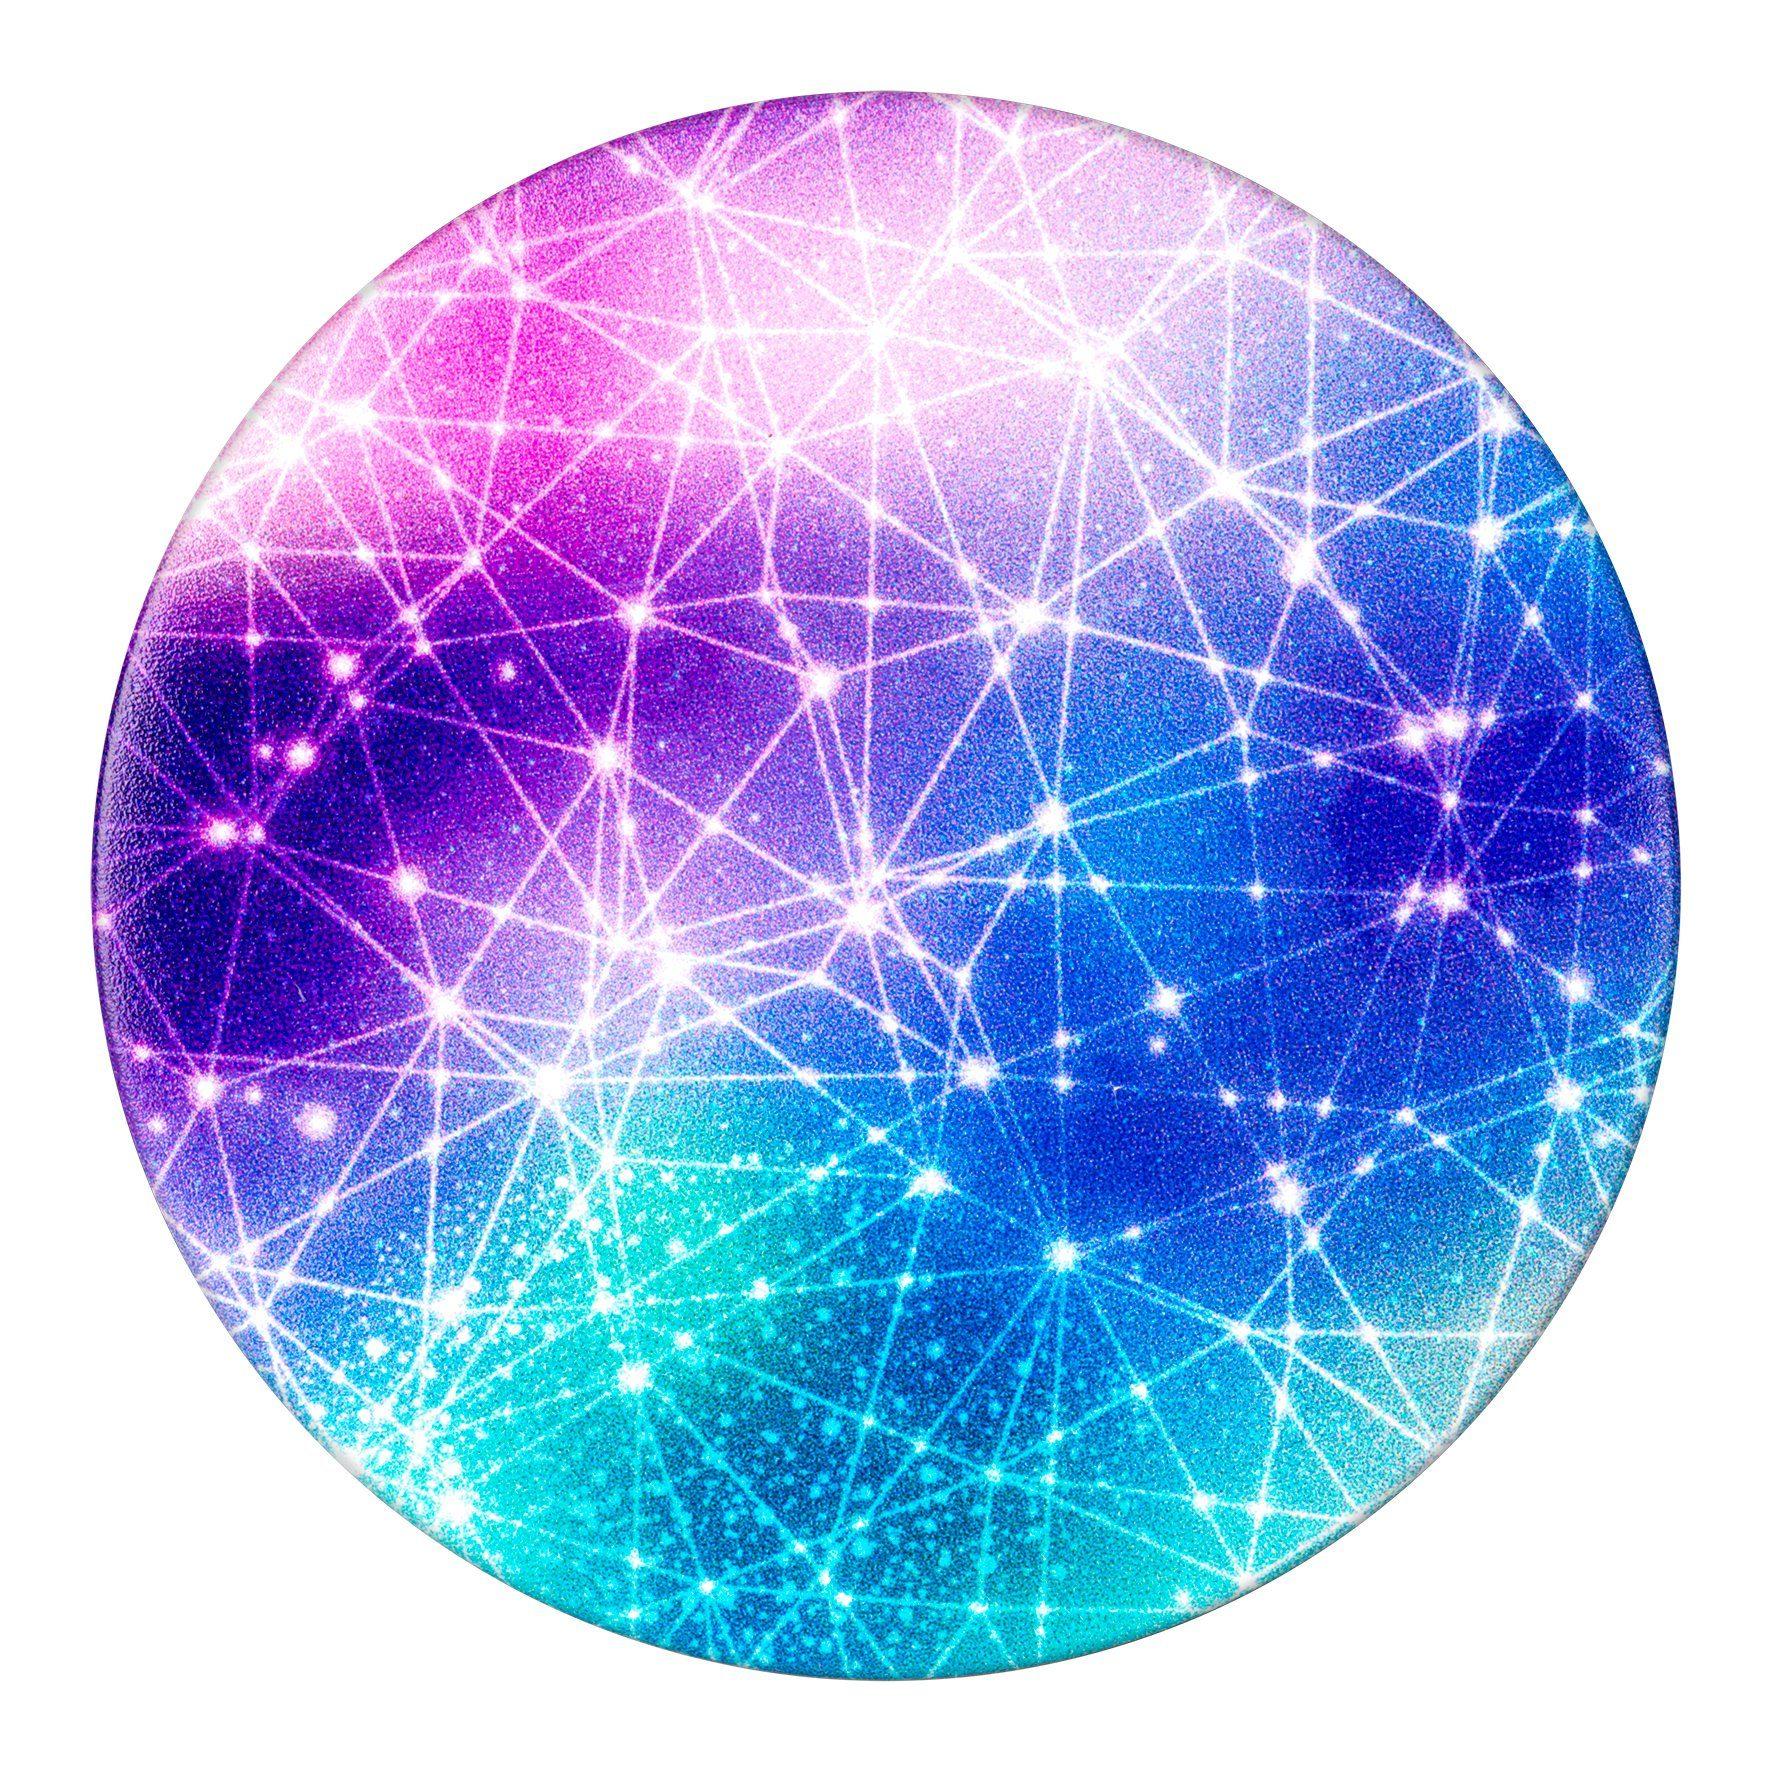 Popsockets GSM - Zubehör »Popsocket - Starry Constellation«